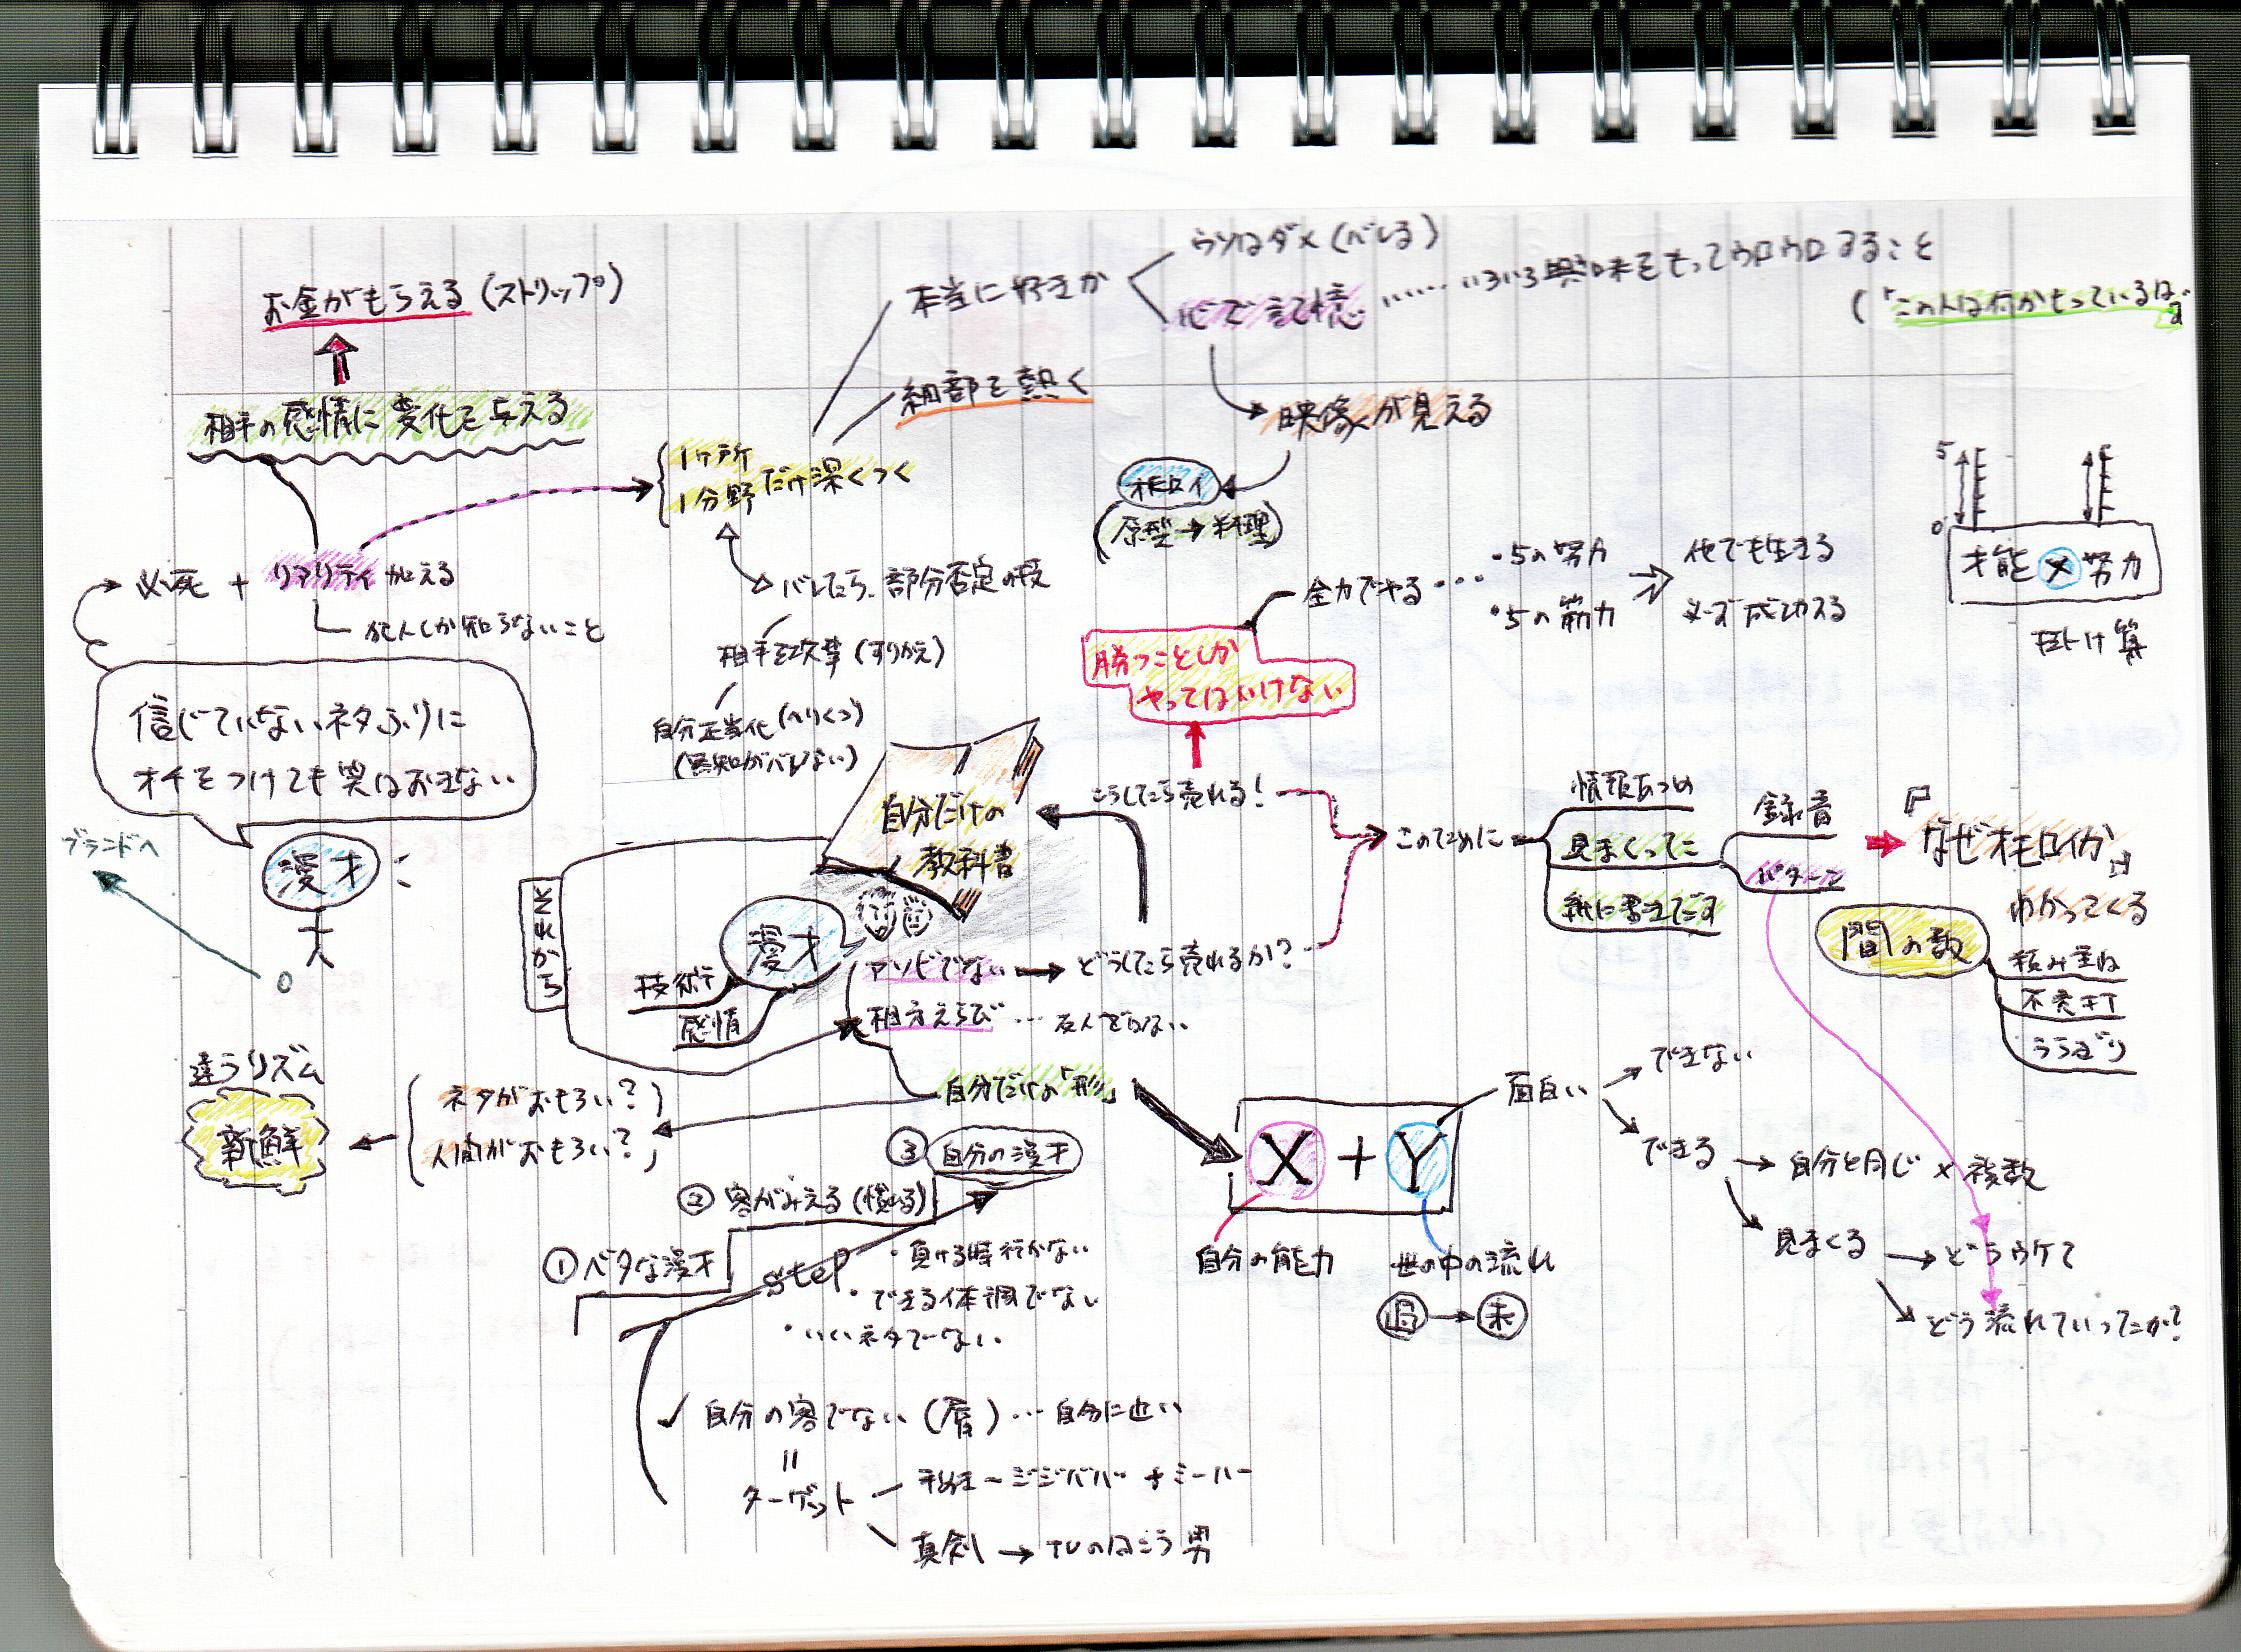 http://mindmap.jp/yamamoto_kyoukasyo.jpg